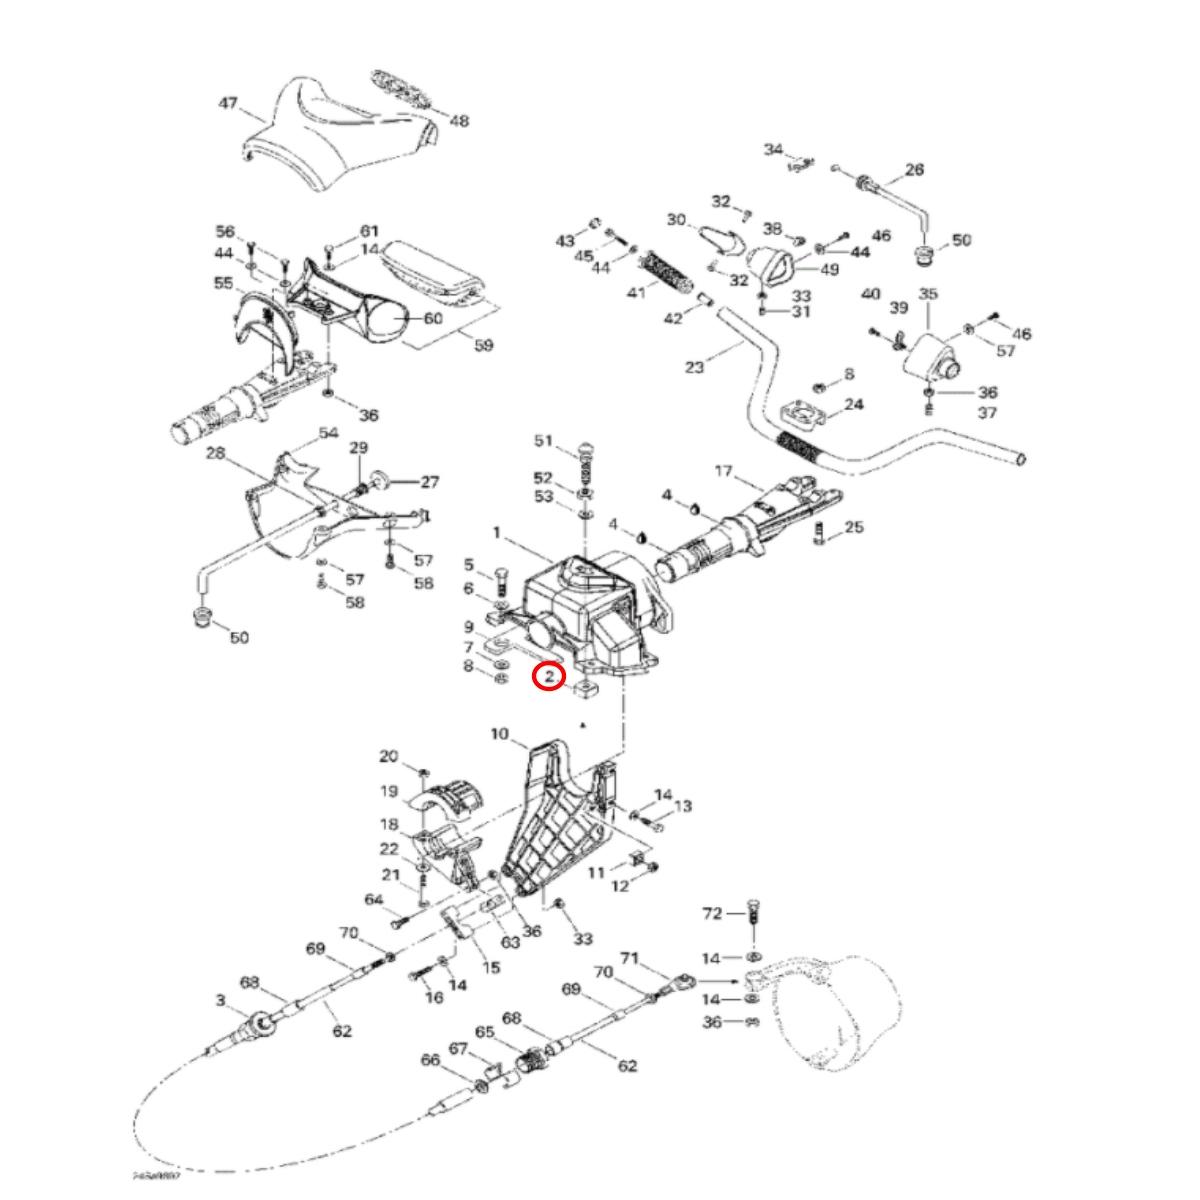 Porca Jet Ski Sea Doo 4 tempos  - Radical Peças - Peças para Jet Ski